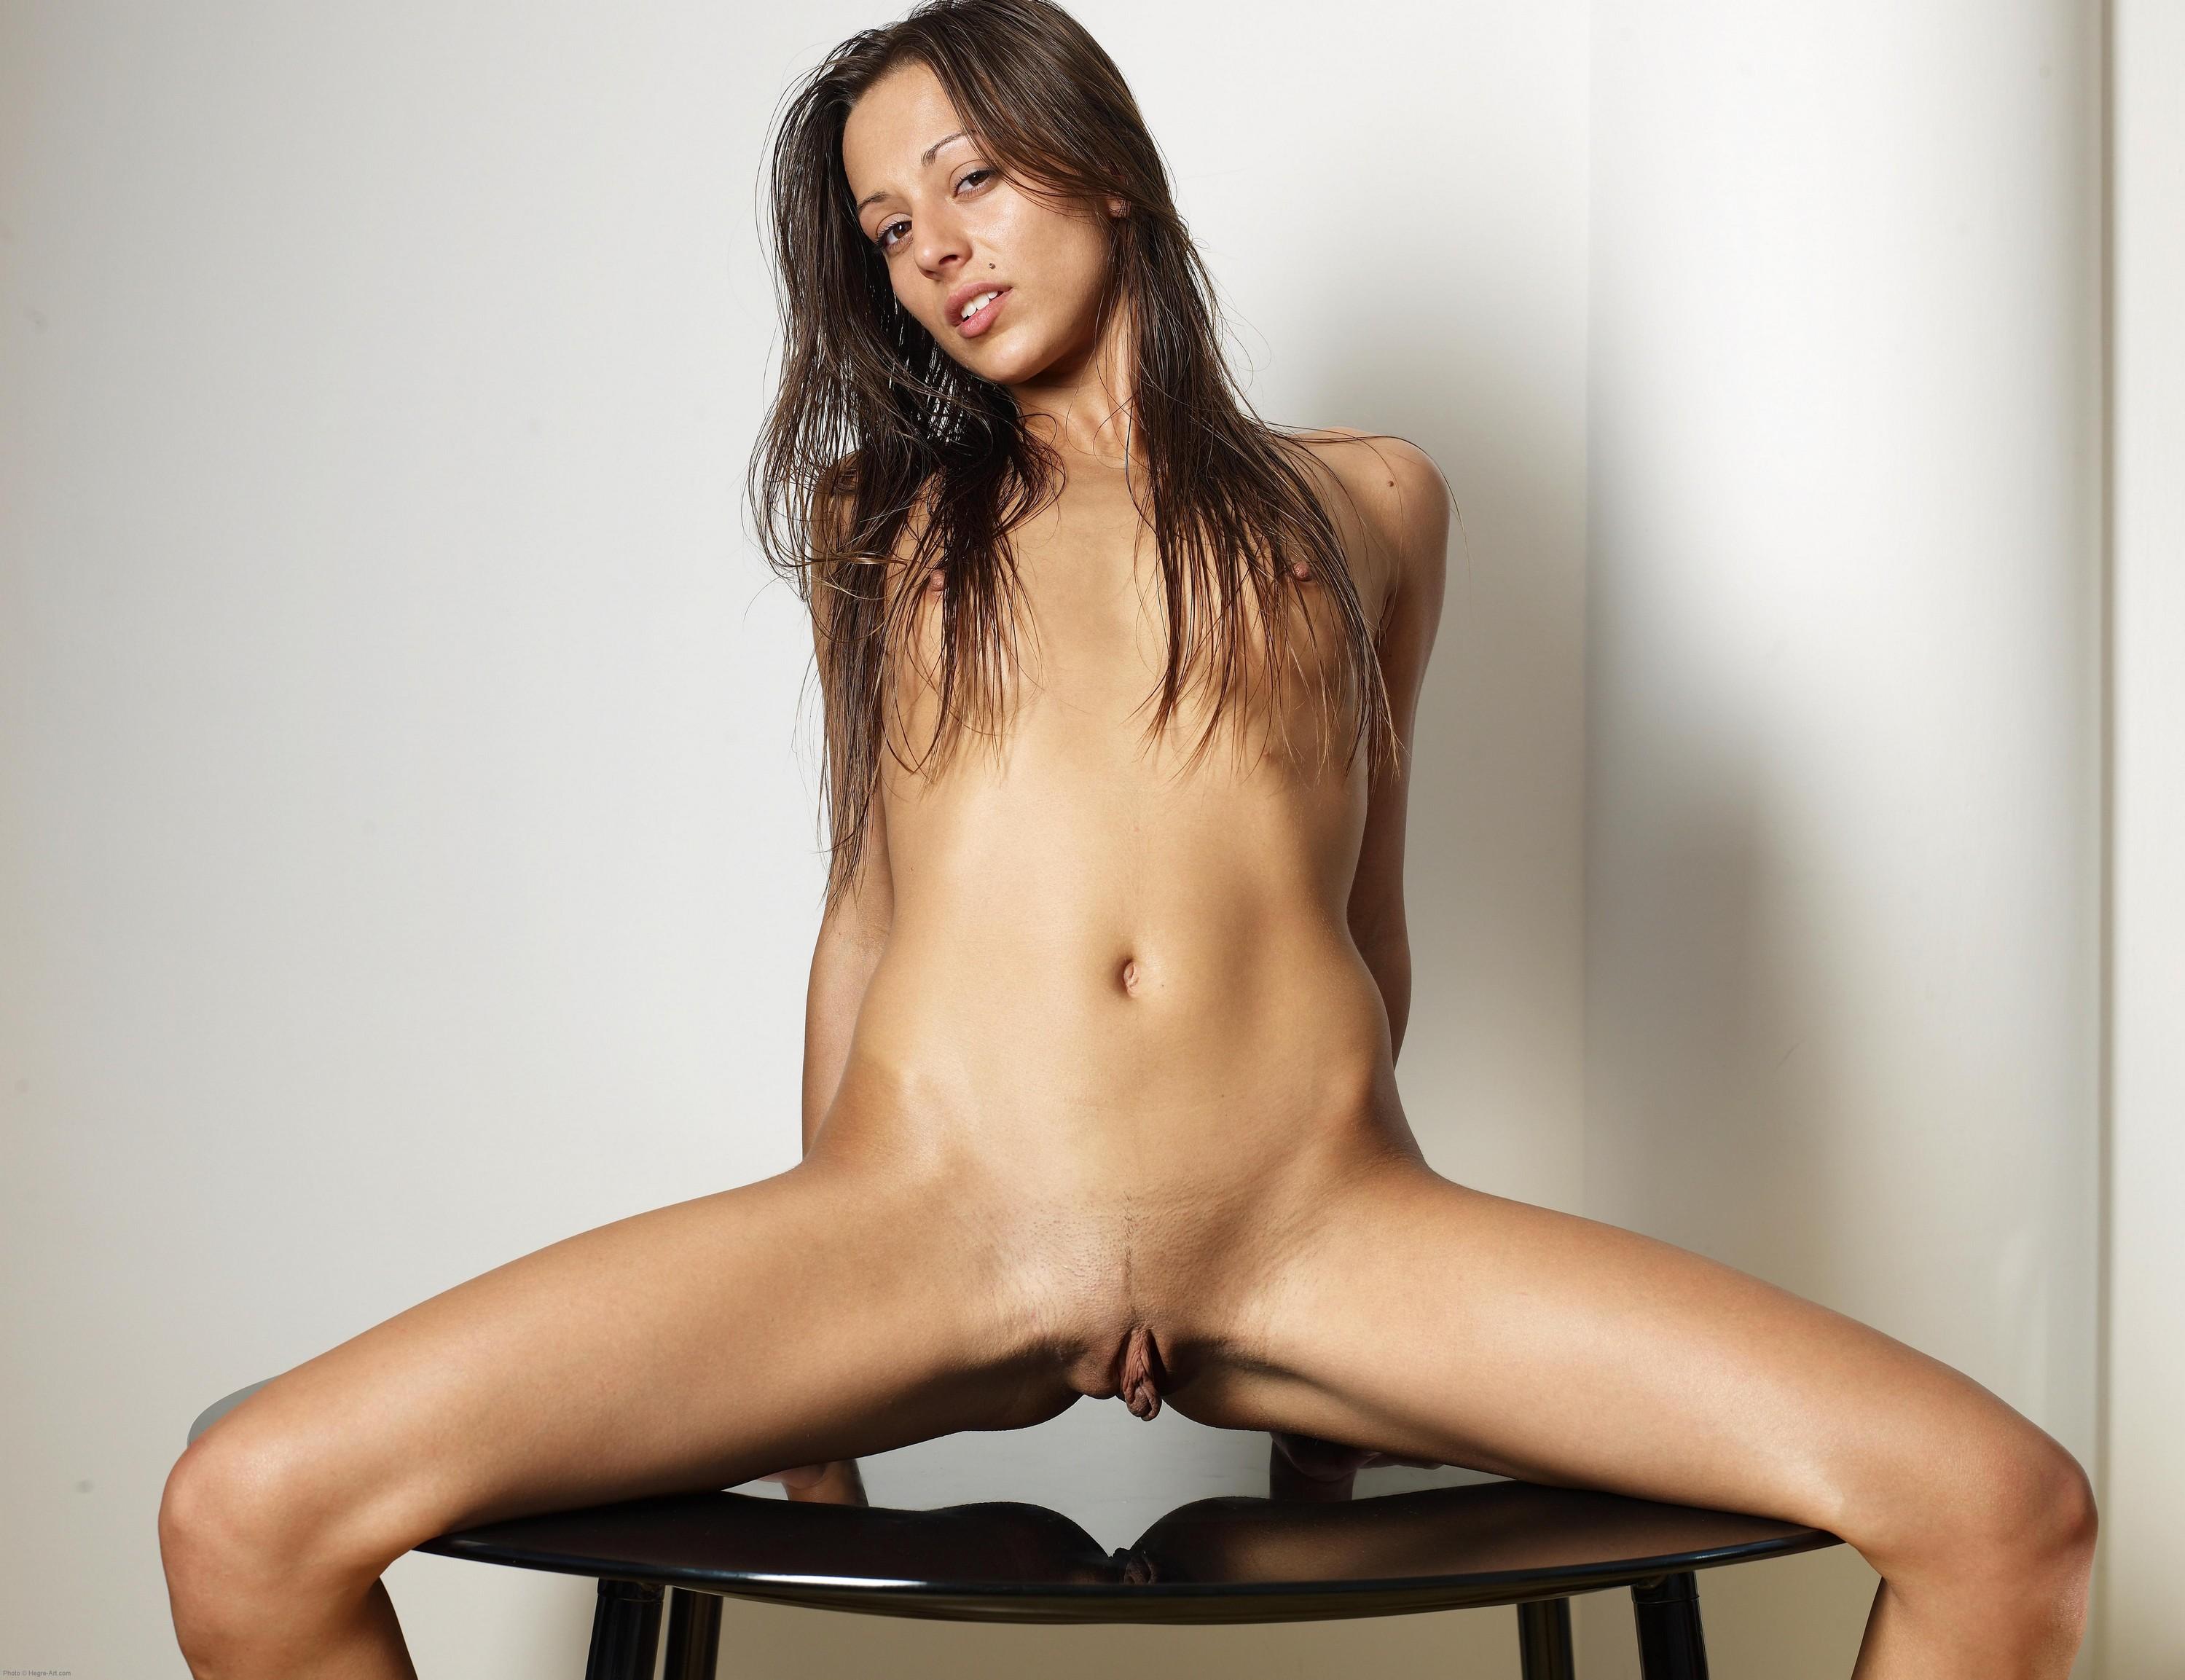 nudes videos